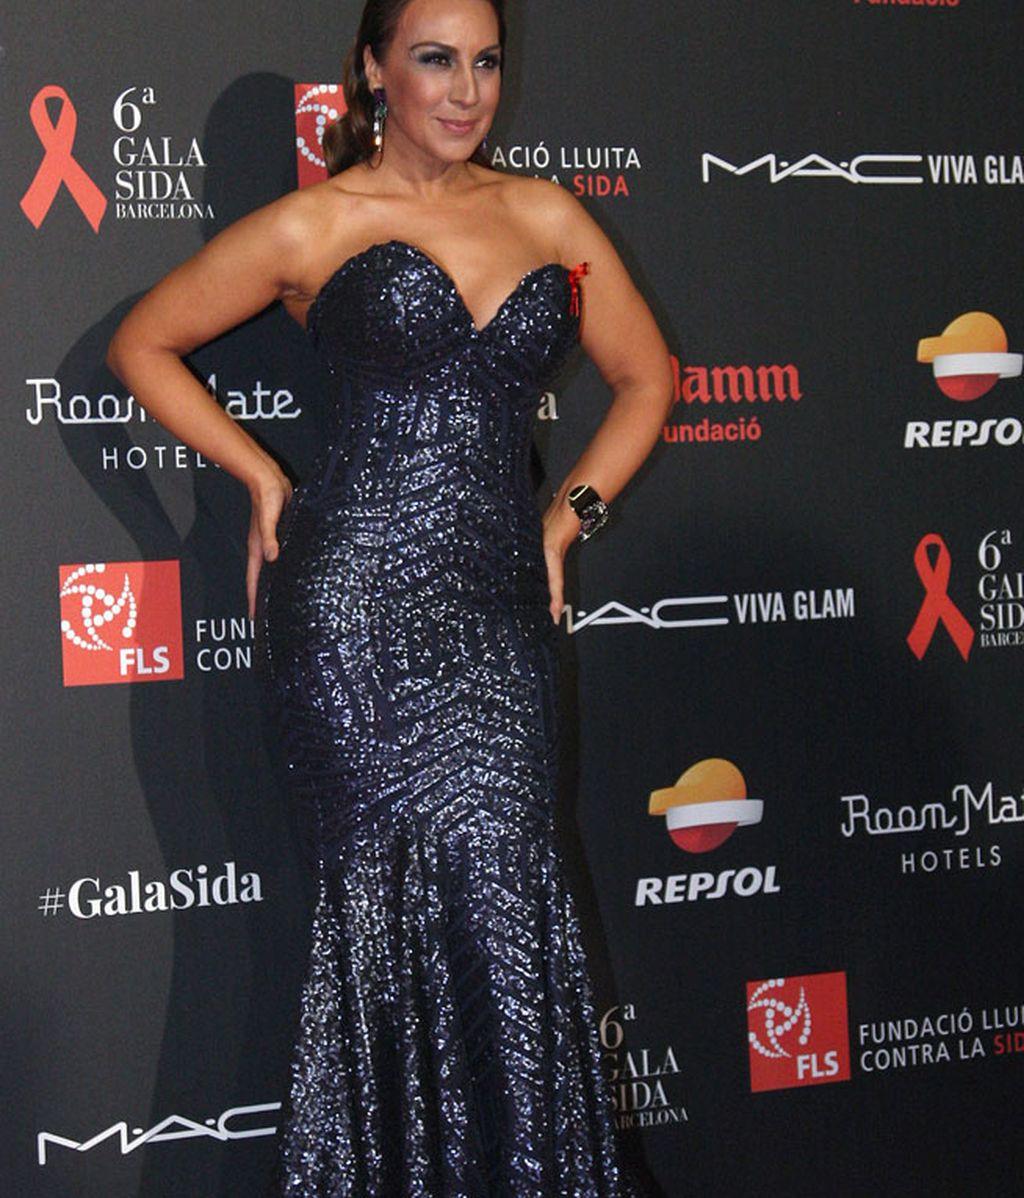 La jurado de 'Pequeños Gigantes' Mónica Naranjo posaba con ajustado vestido